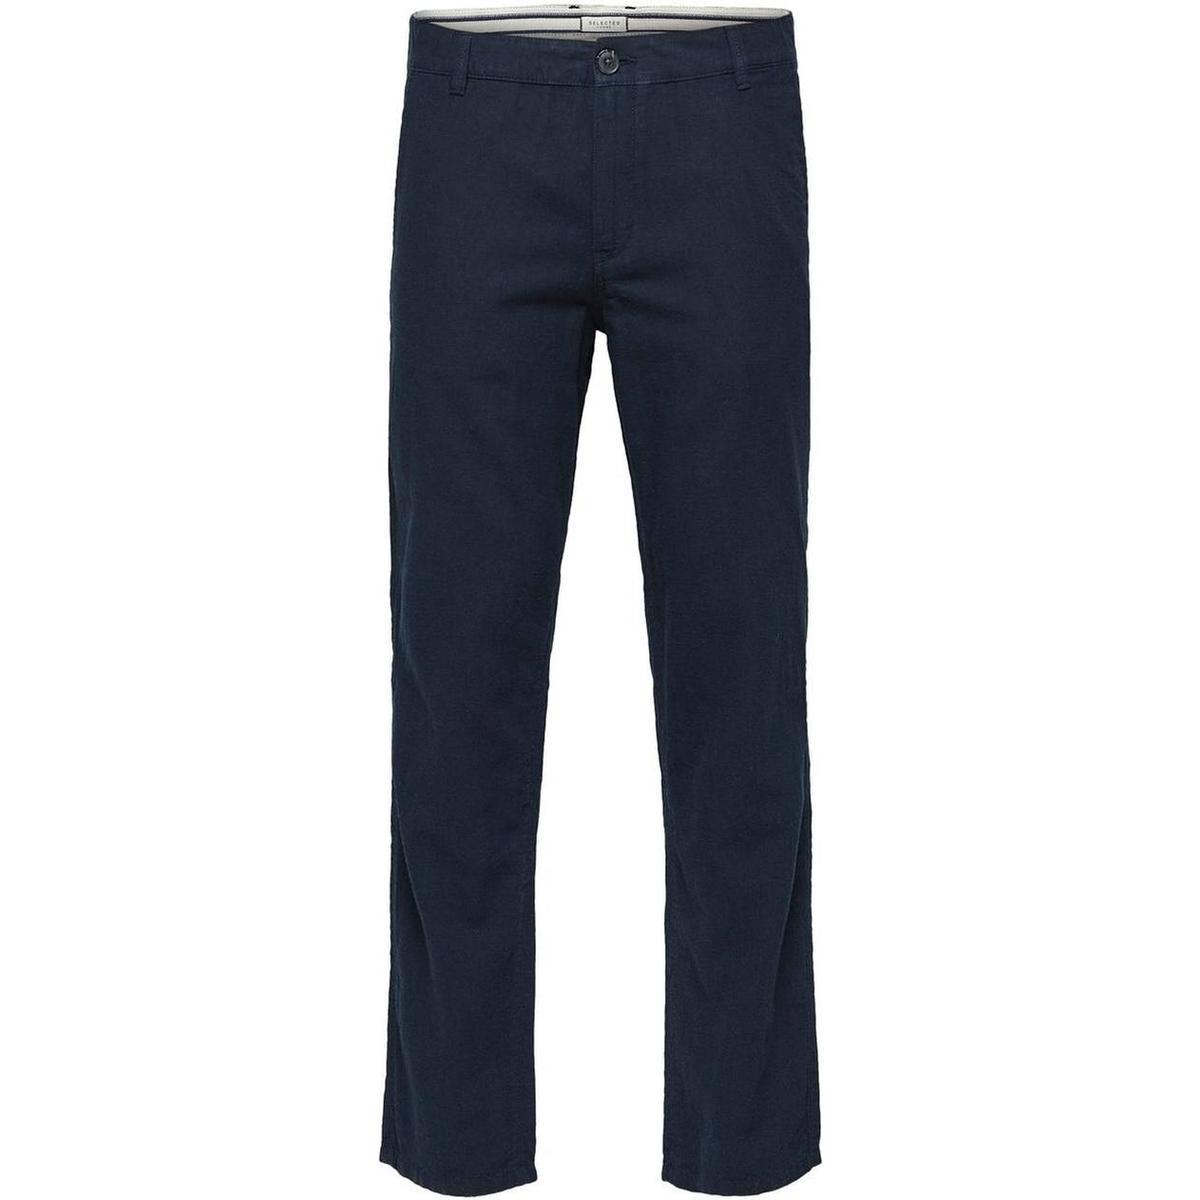 29929f174b4f Selected Herrkläder - Jämför priser på PriceRunner